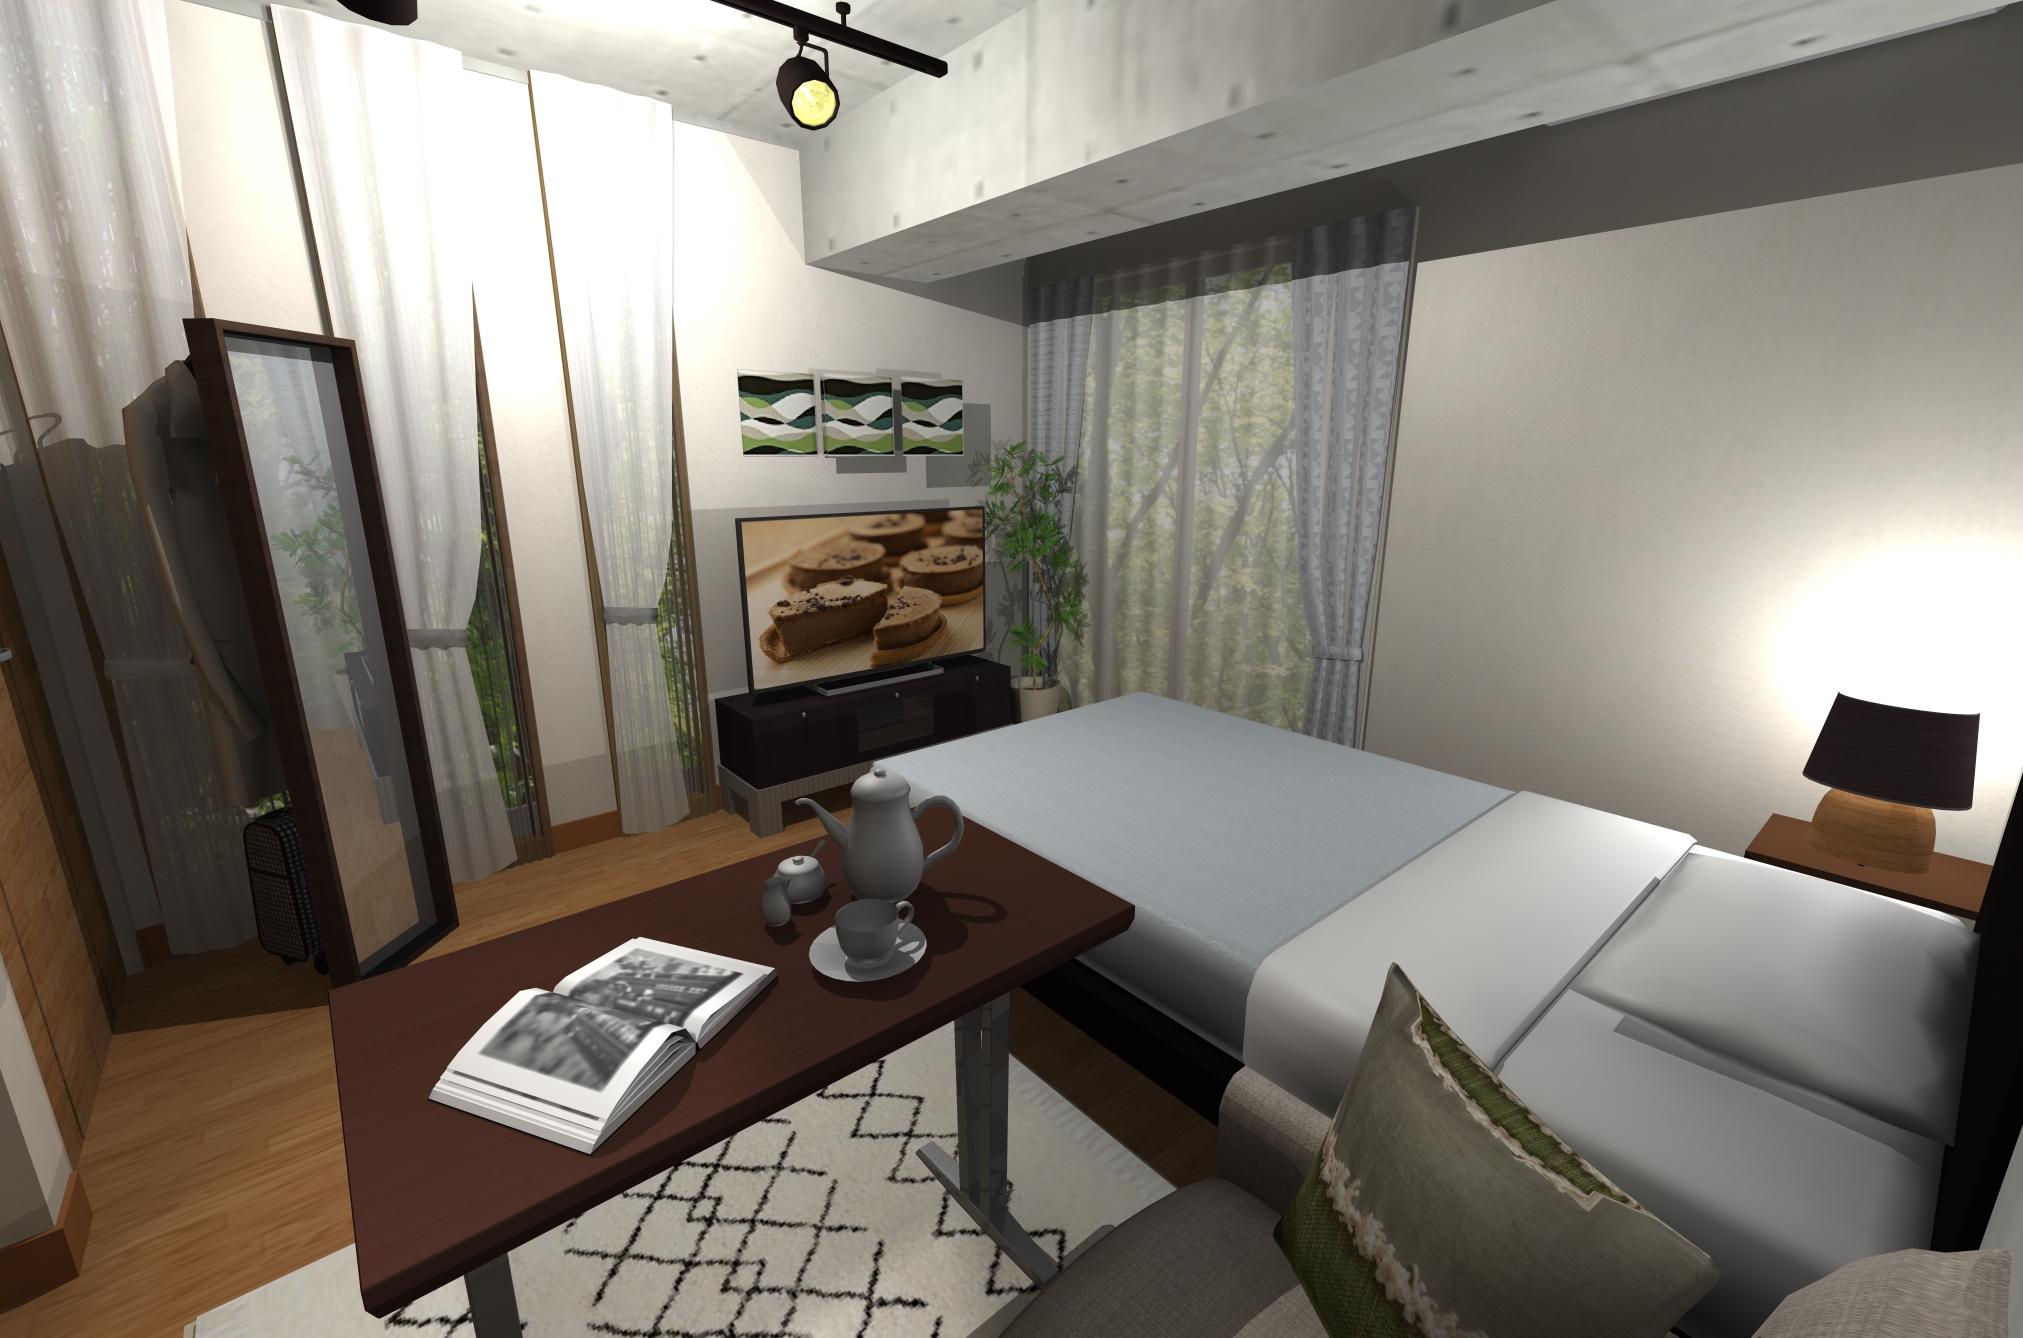 Cafeのように落ち着ける空間。女性好みのソフトヴィンテージスタイルのお部屋